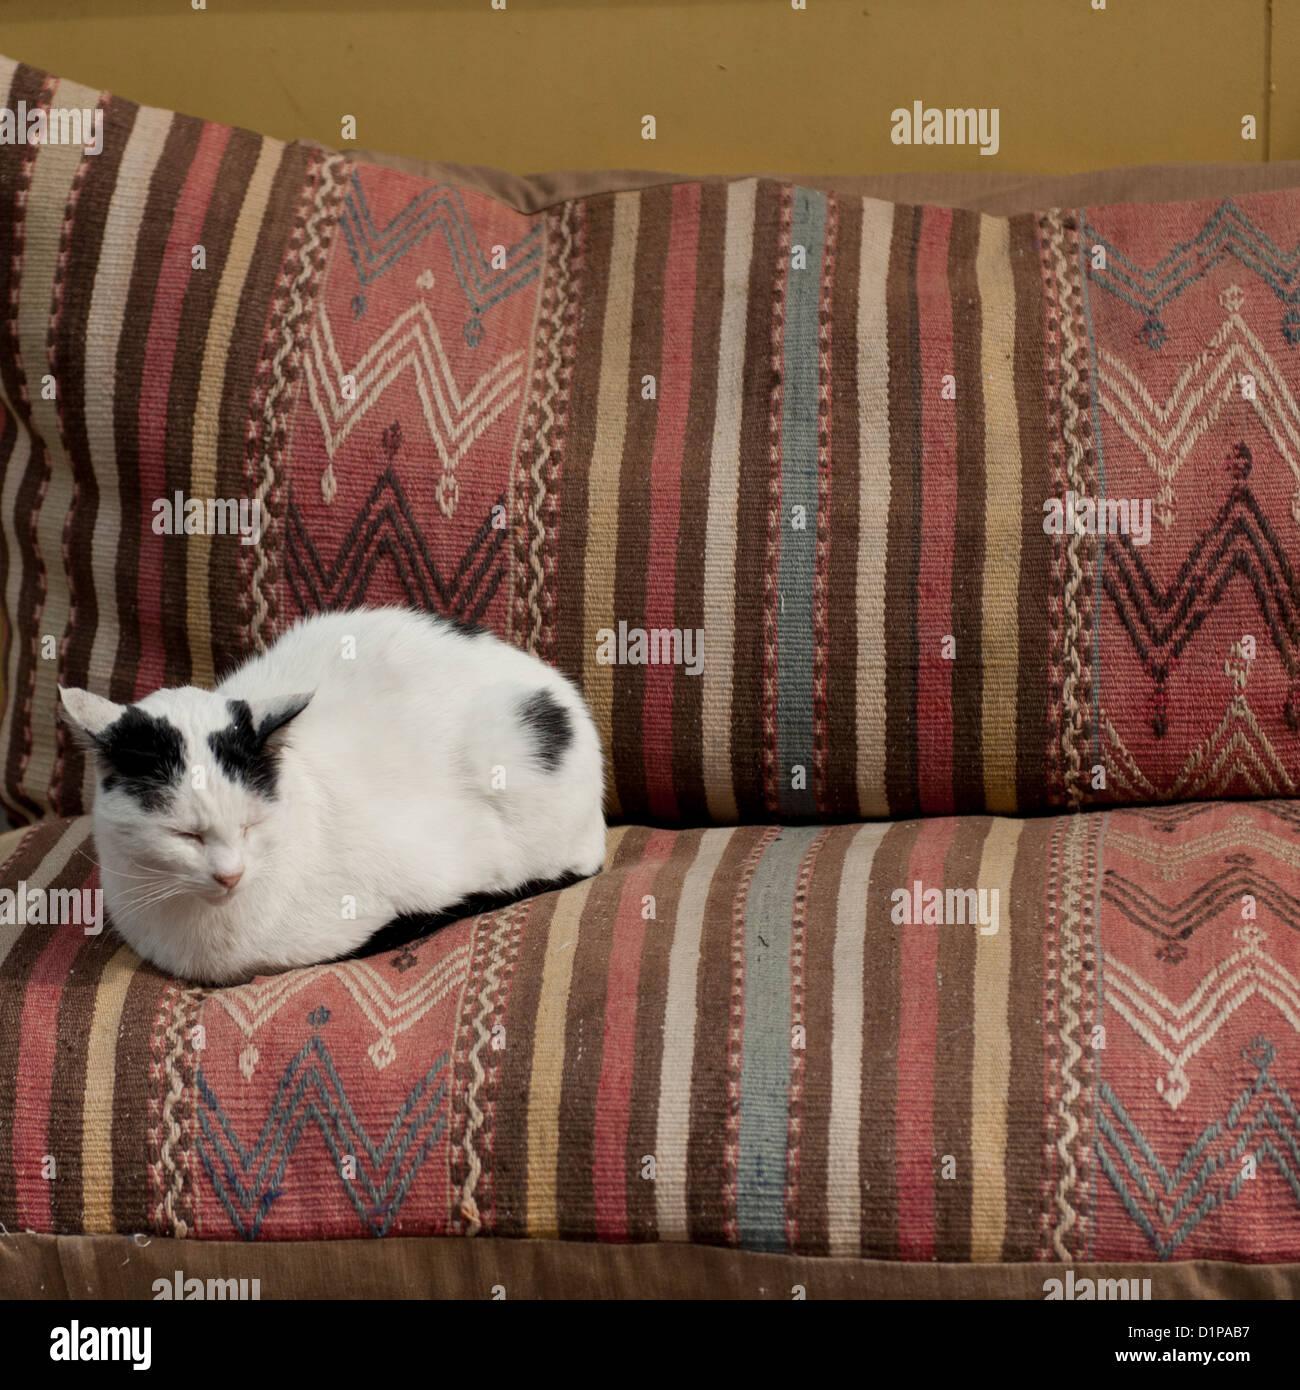 Katze sitzt auf einer Couch, Istanbul, Türkei Stockbild